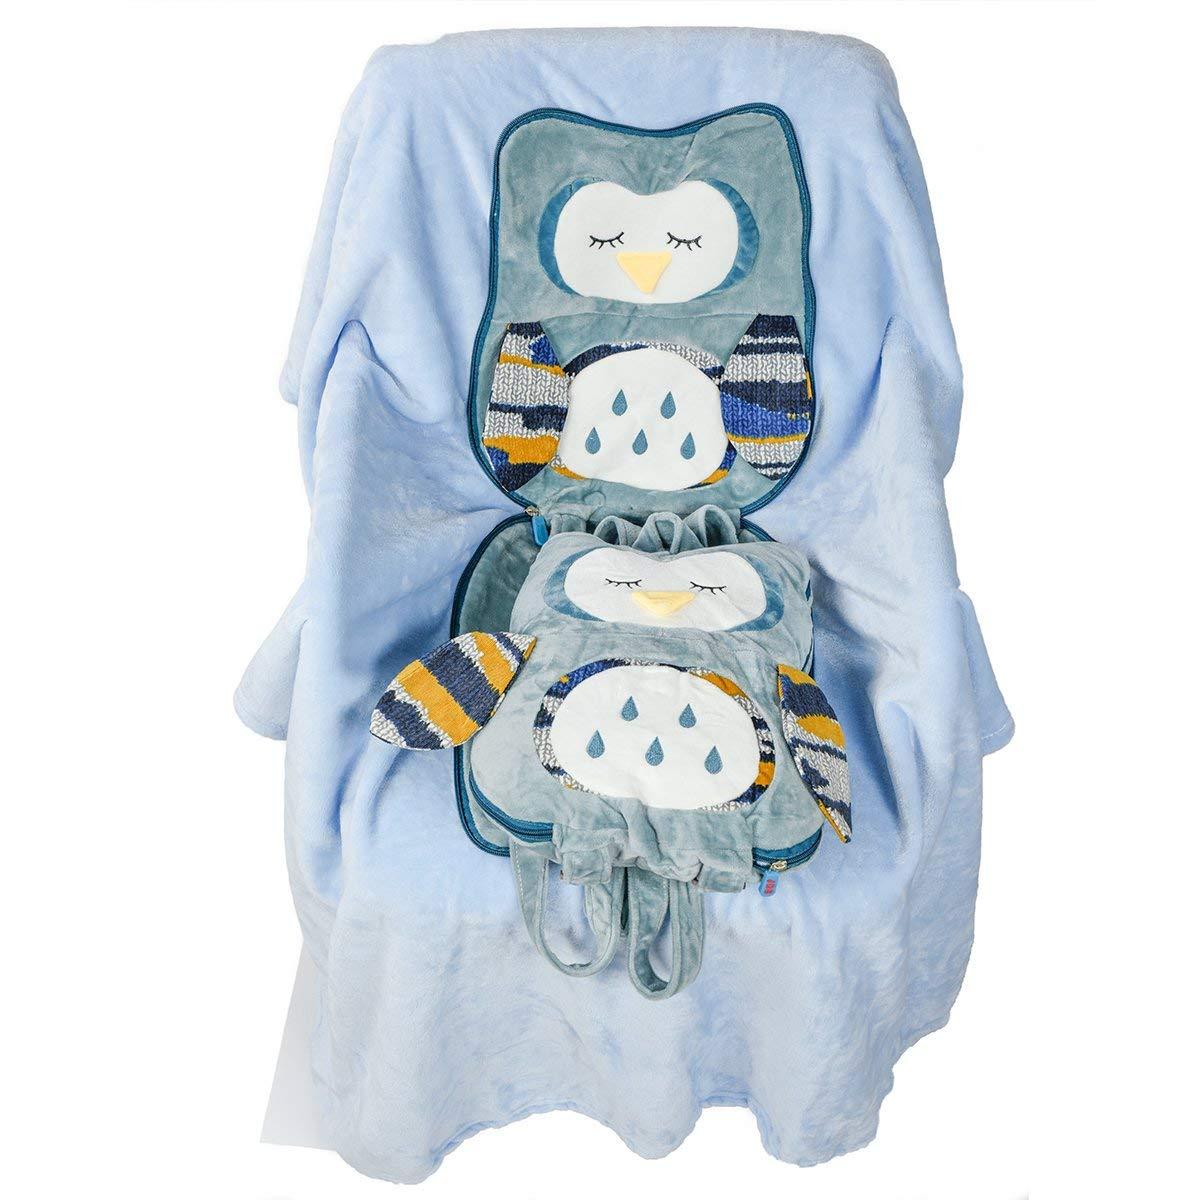 58b75e563b0 Cheap Fleece Animal Pillow Blanket, find Fleece Animal Pillow ...